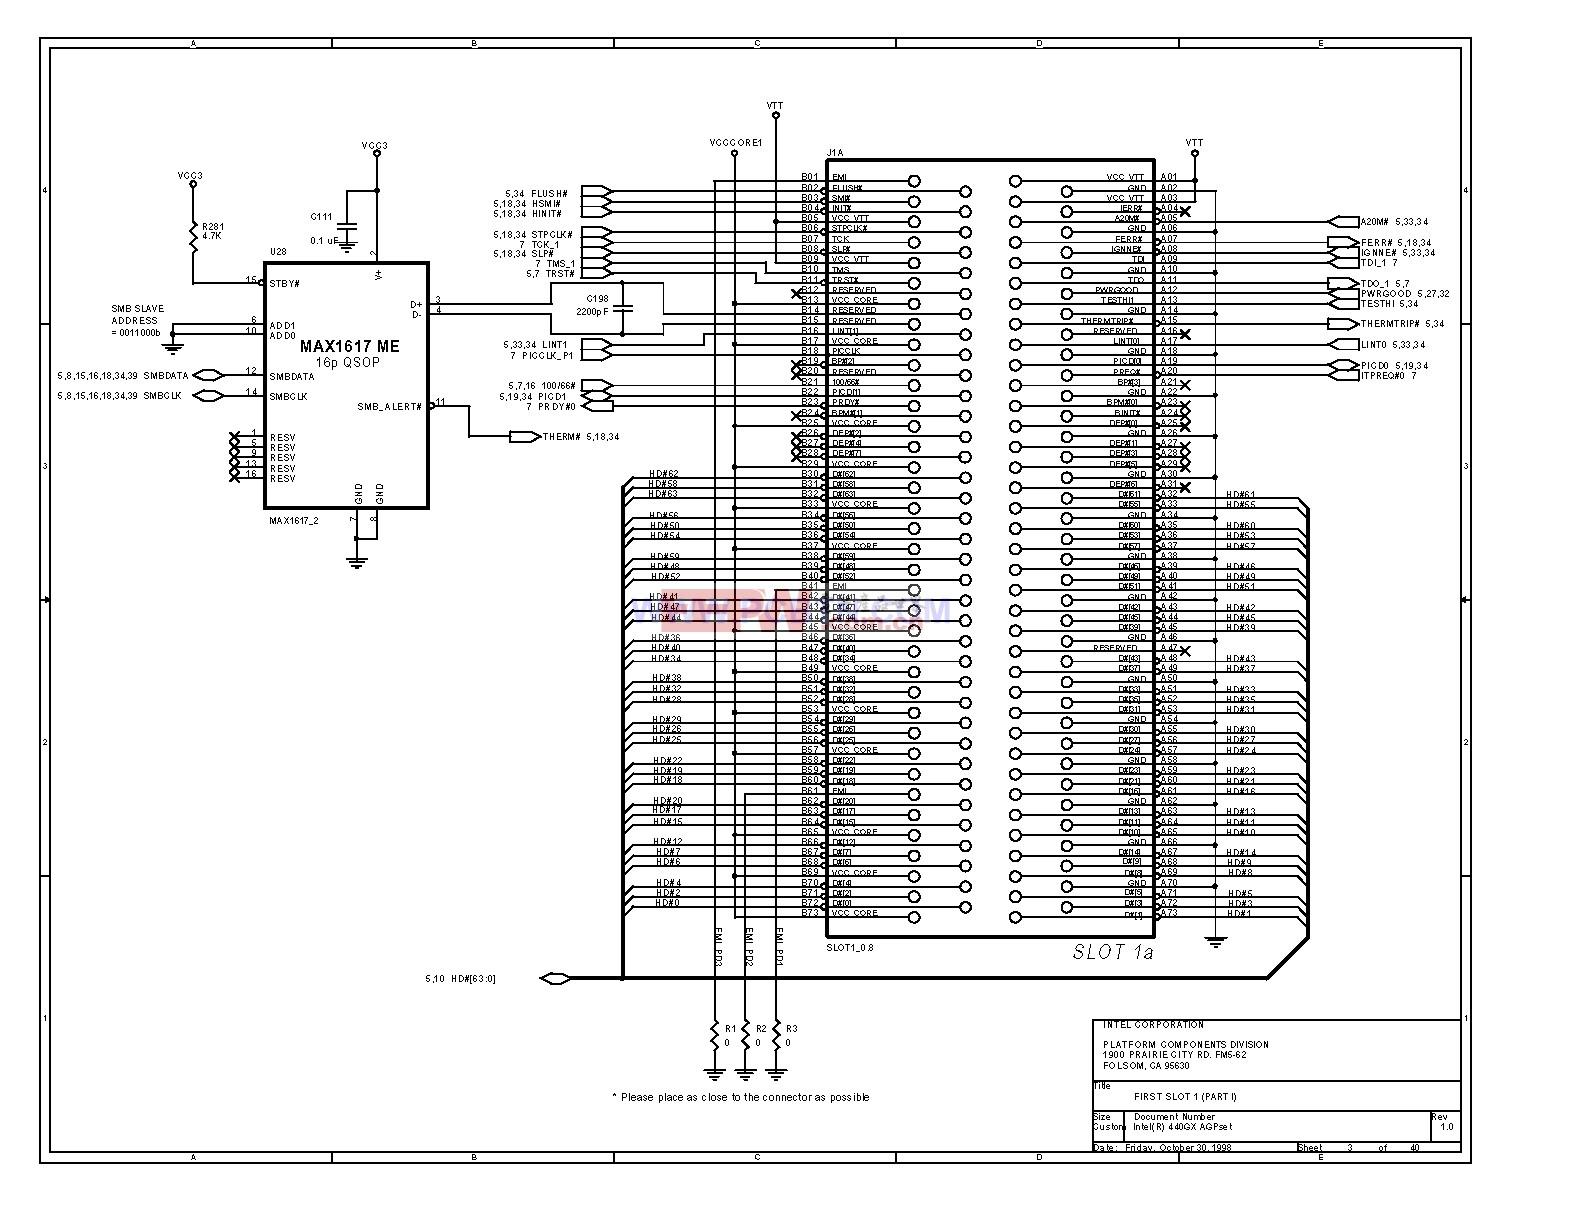 电脑主板440GX[_]03型芯片组